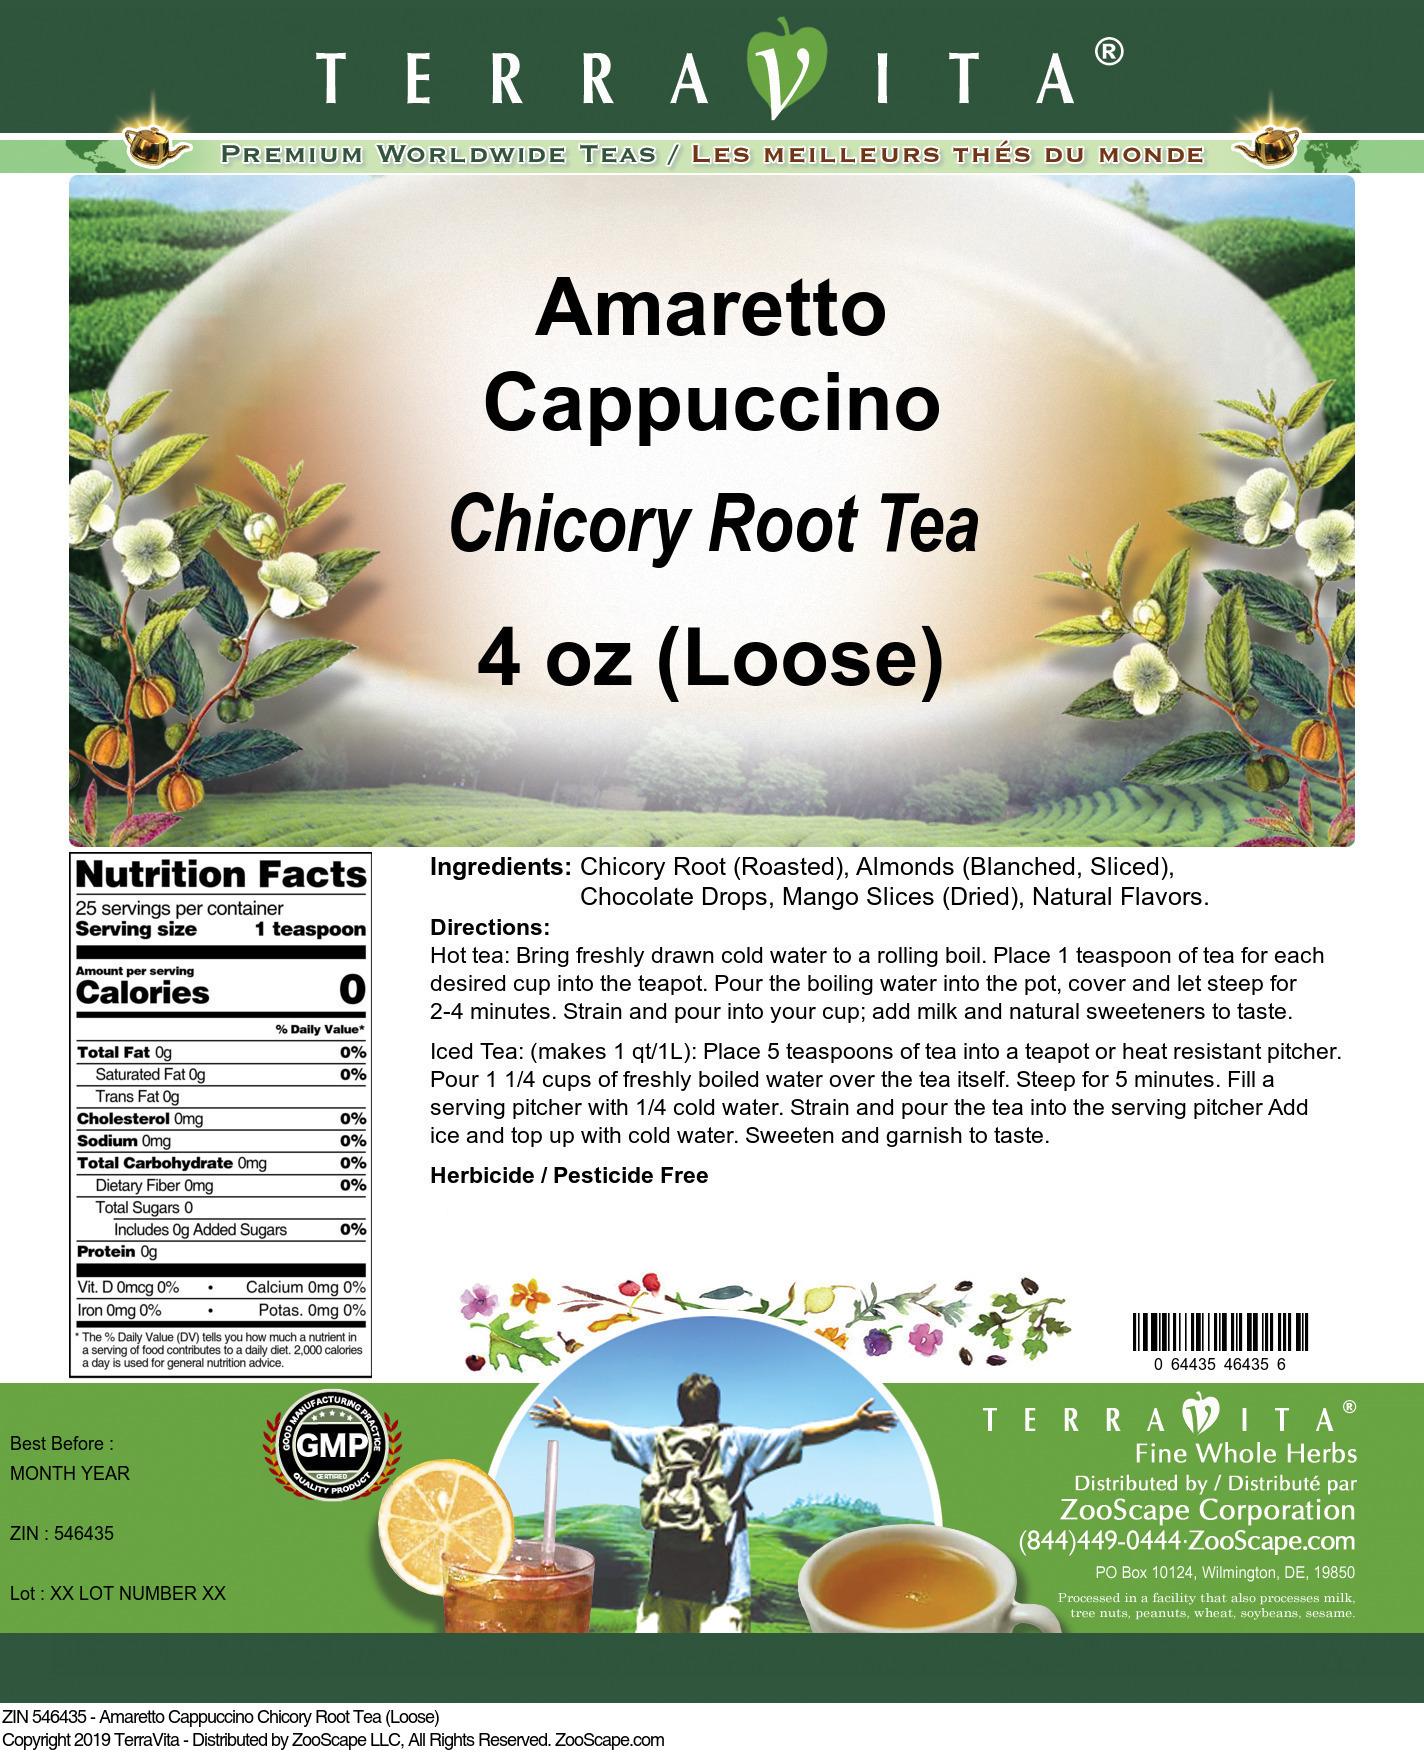 Amaretto Cappuccino Chicory Root